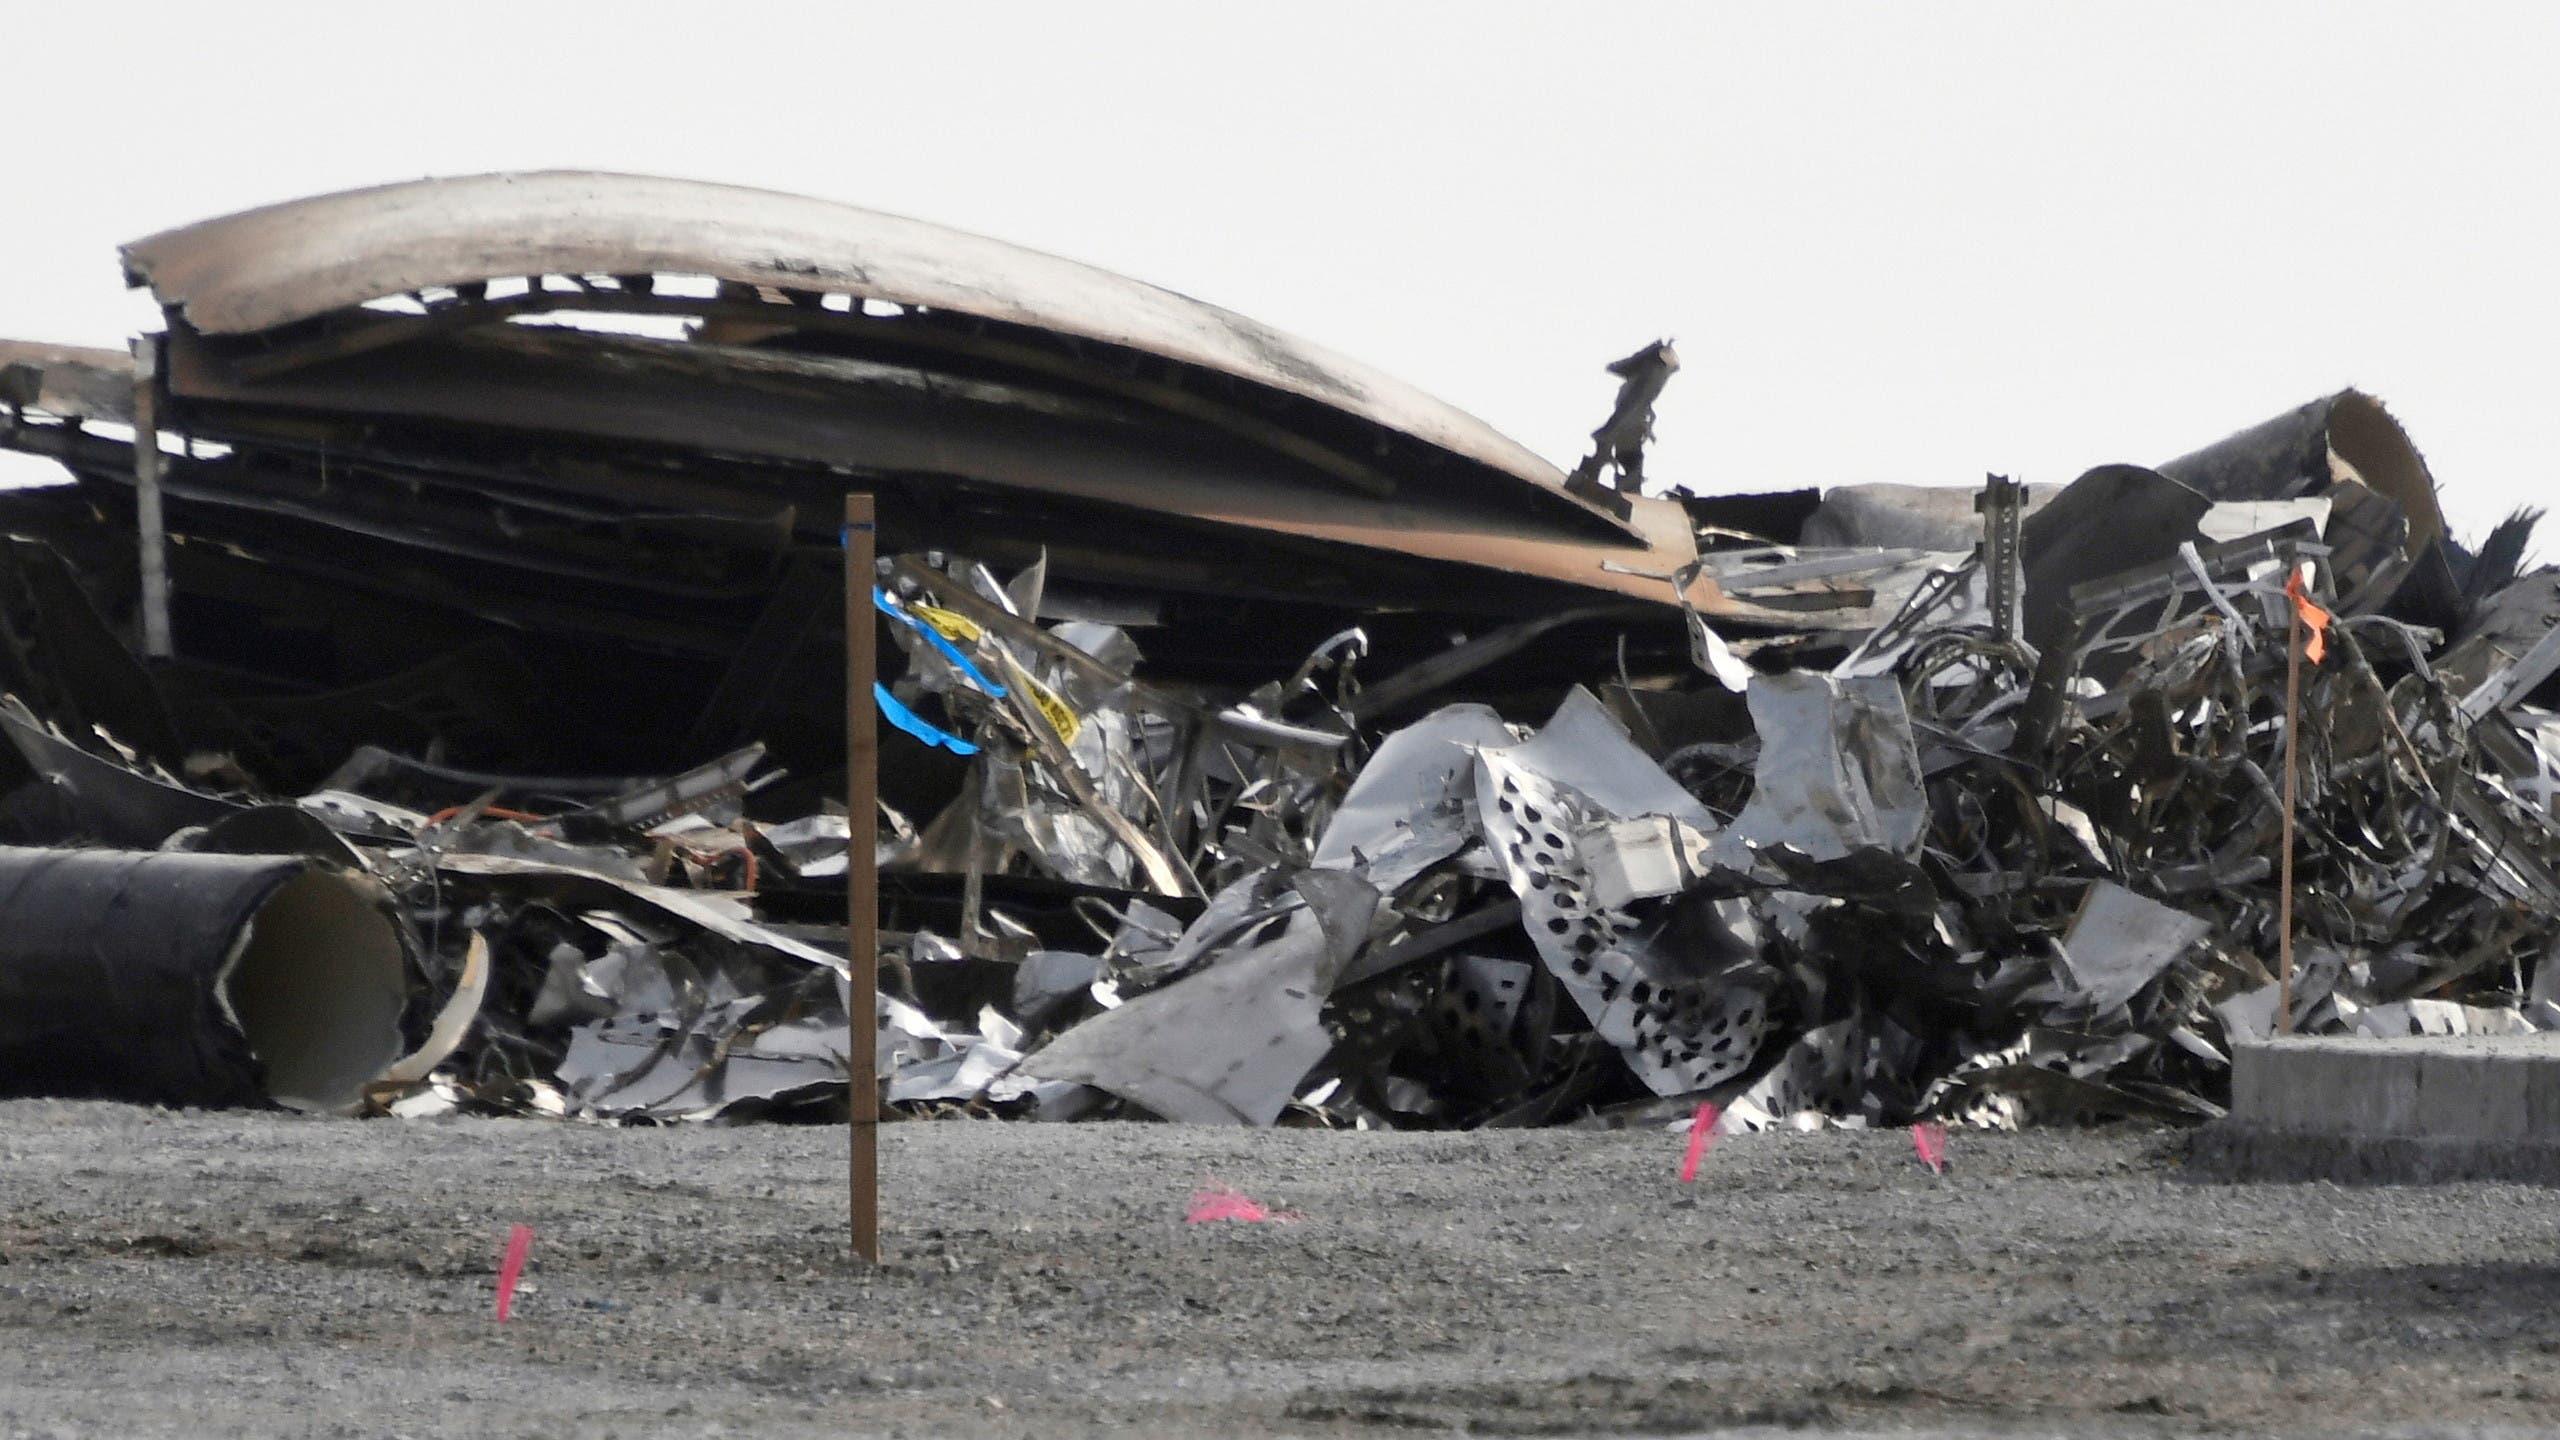 حطام صاروخ سابق انفجر في تكساس في 31 مارس الماضي